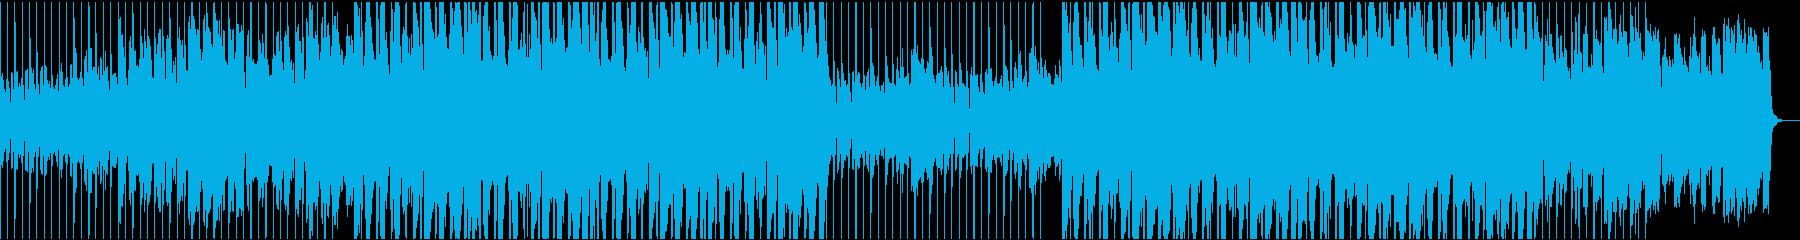 オシャレなコードのBGMですの再生済みの波形